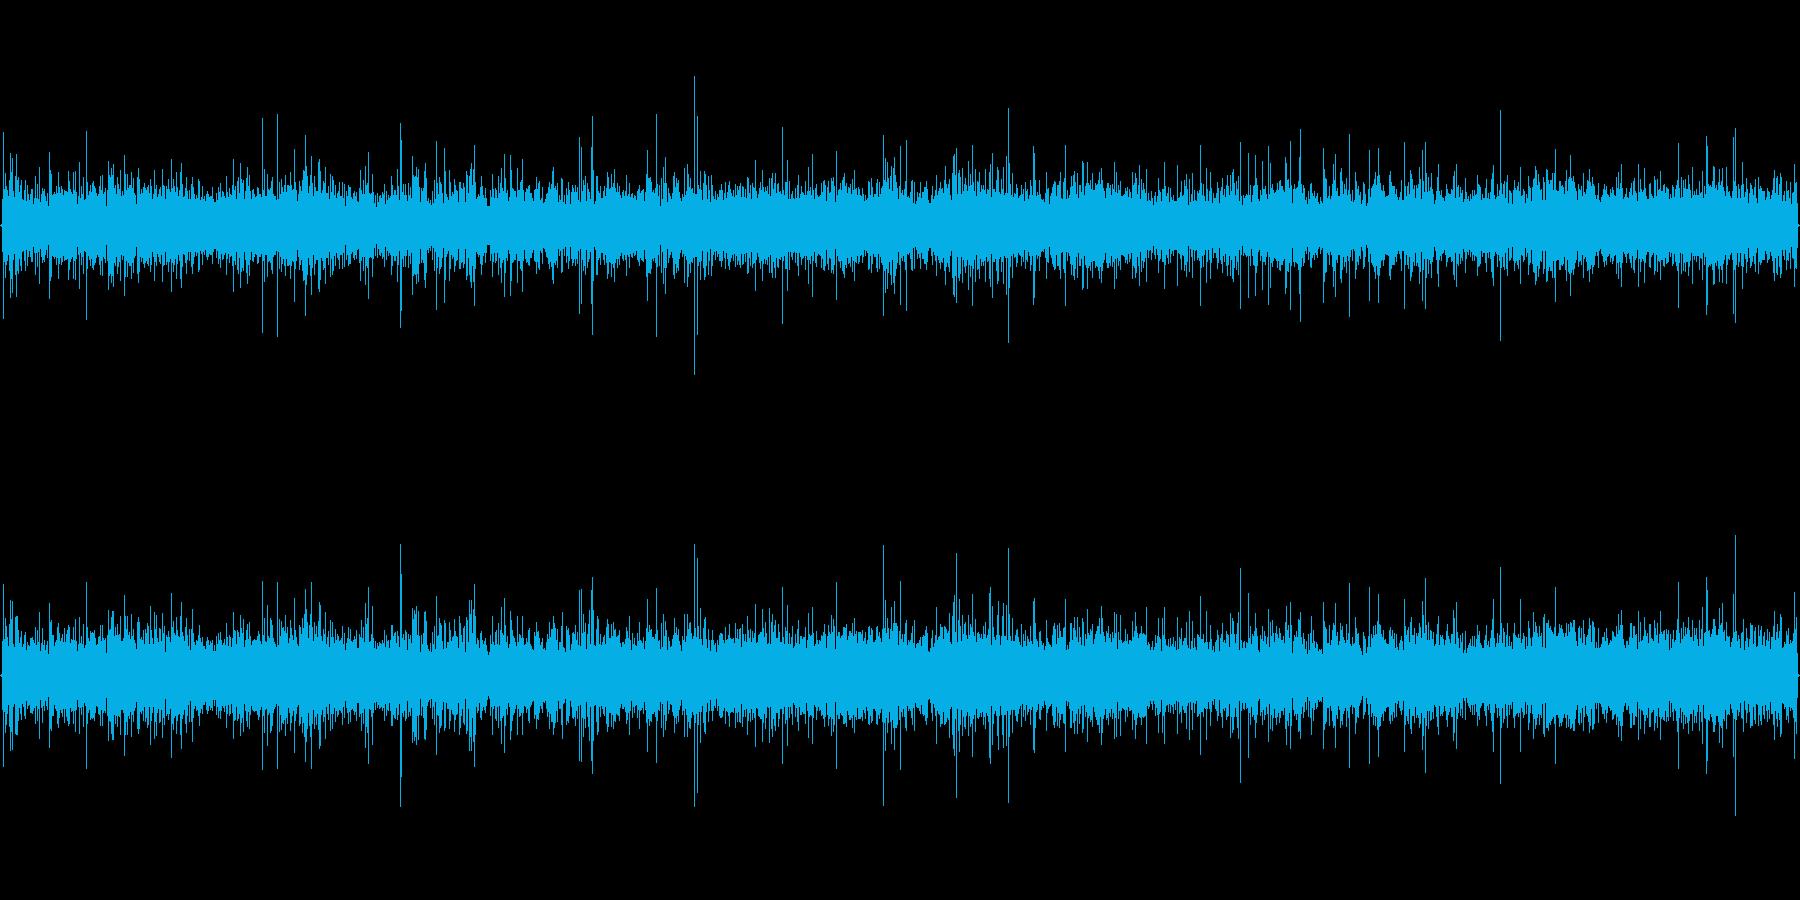 川のせせらぎ(小川、下流)の再生済みの波形